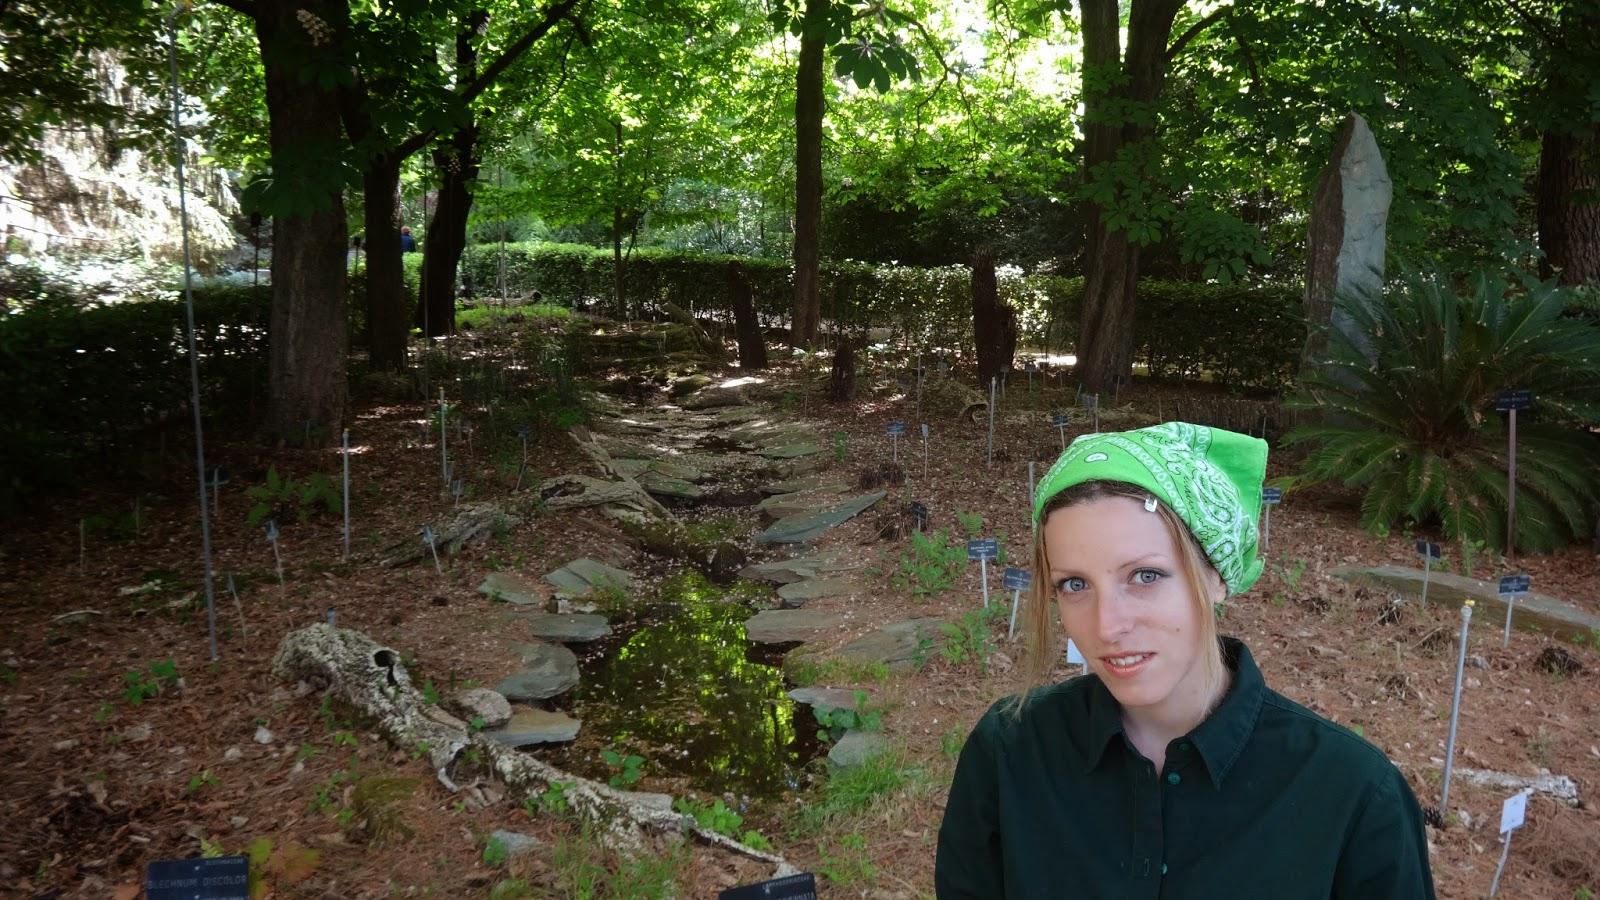 Vsitando el real jard n bot nico de madrid for Jardin botanico madrid horario